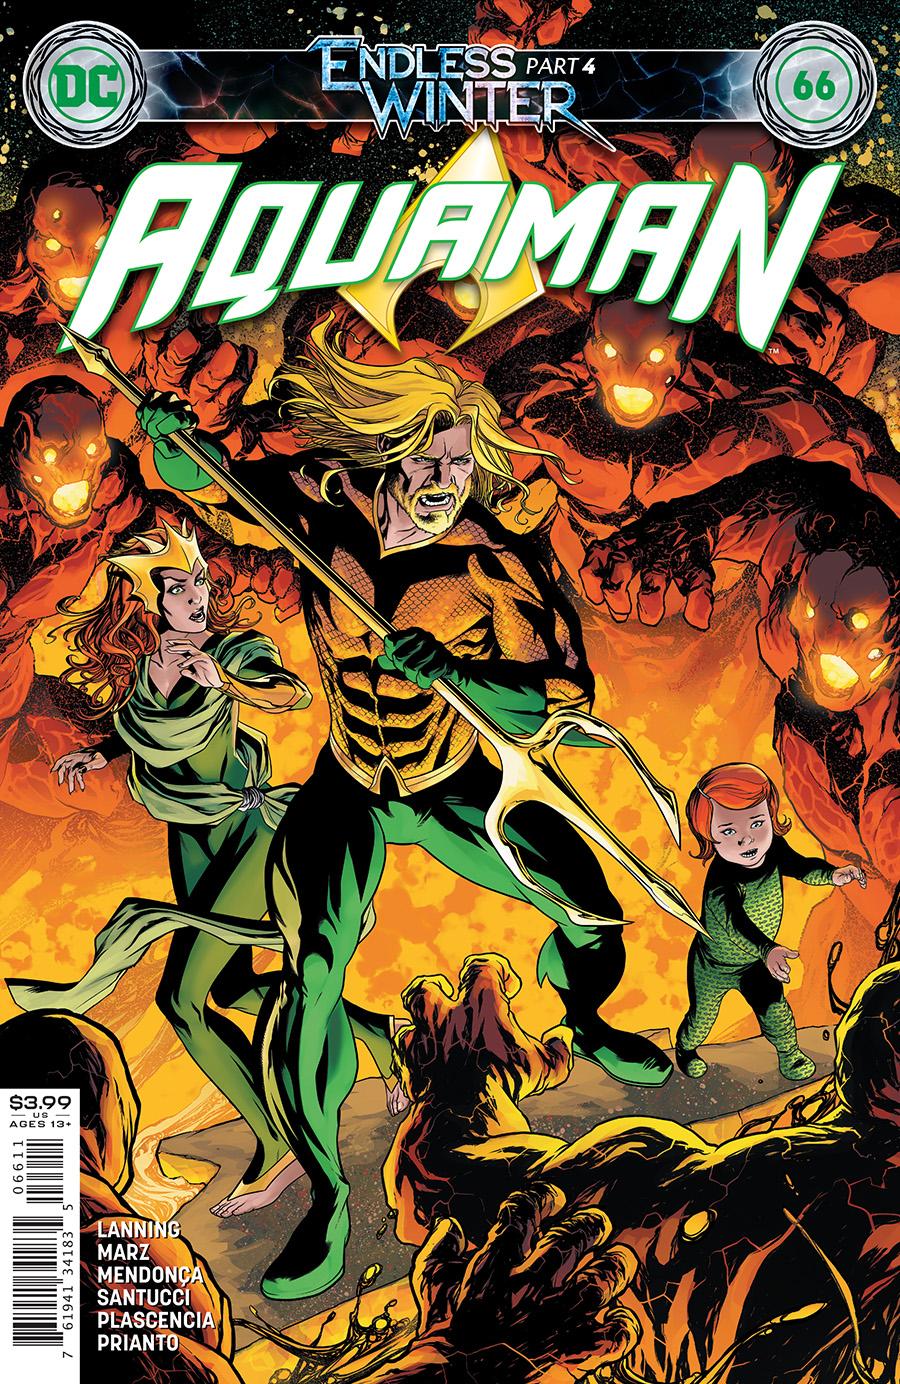 Aquaman Vol 8 #66 Cover A Mike Mckone (Endless Winter)